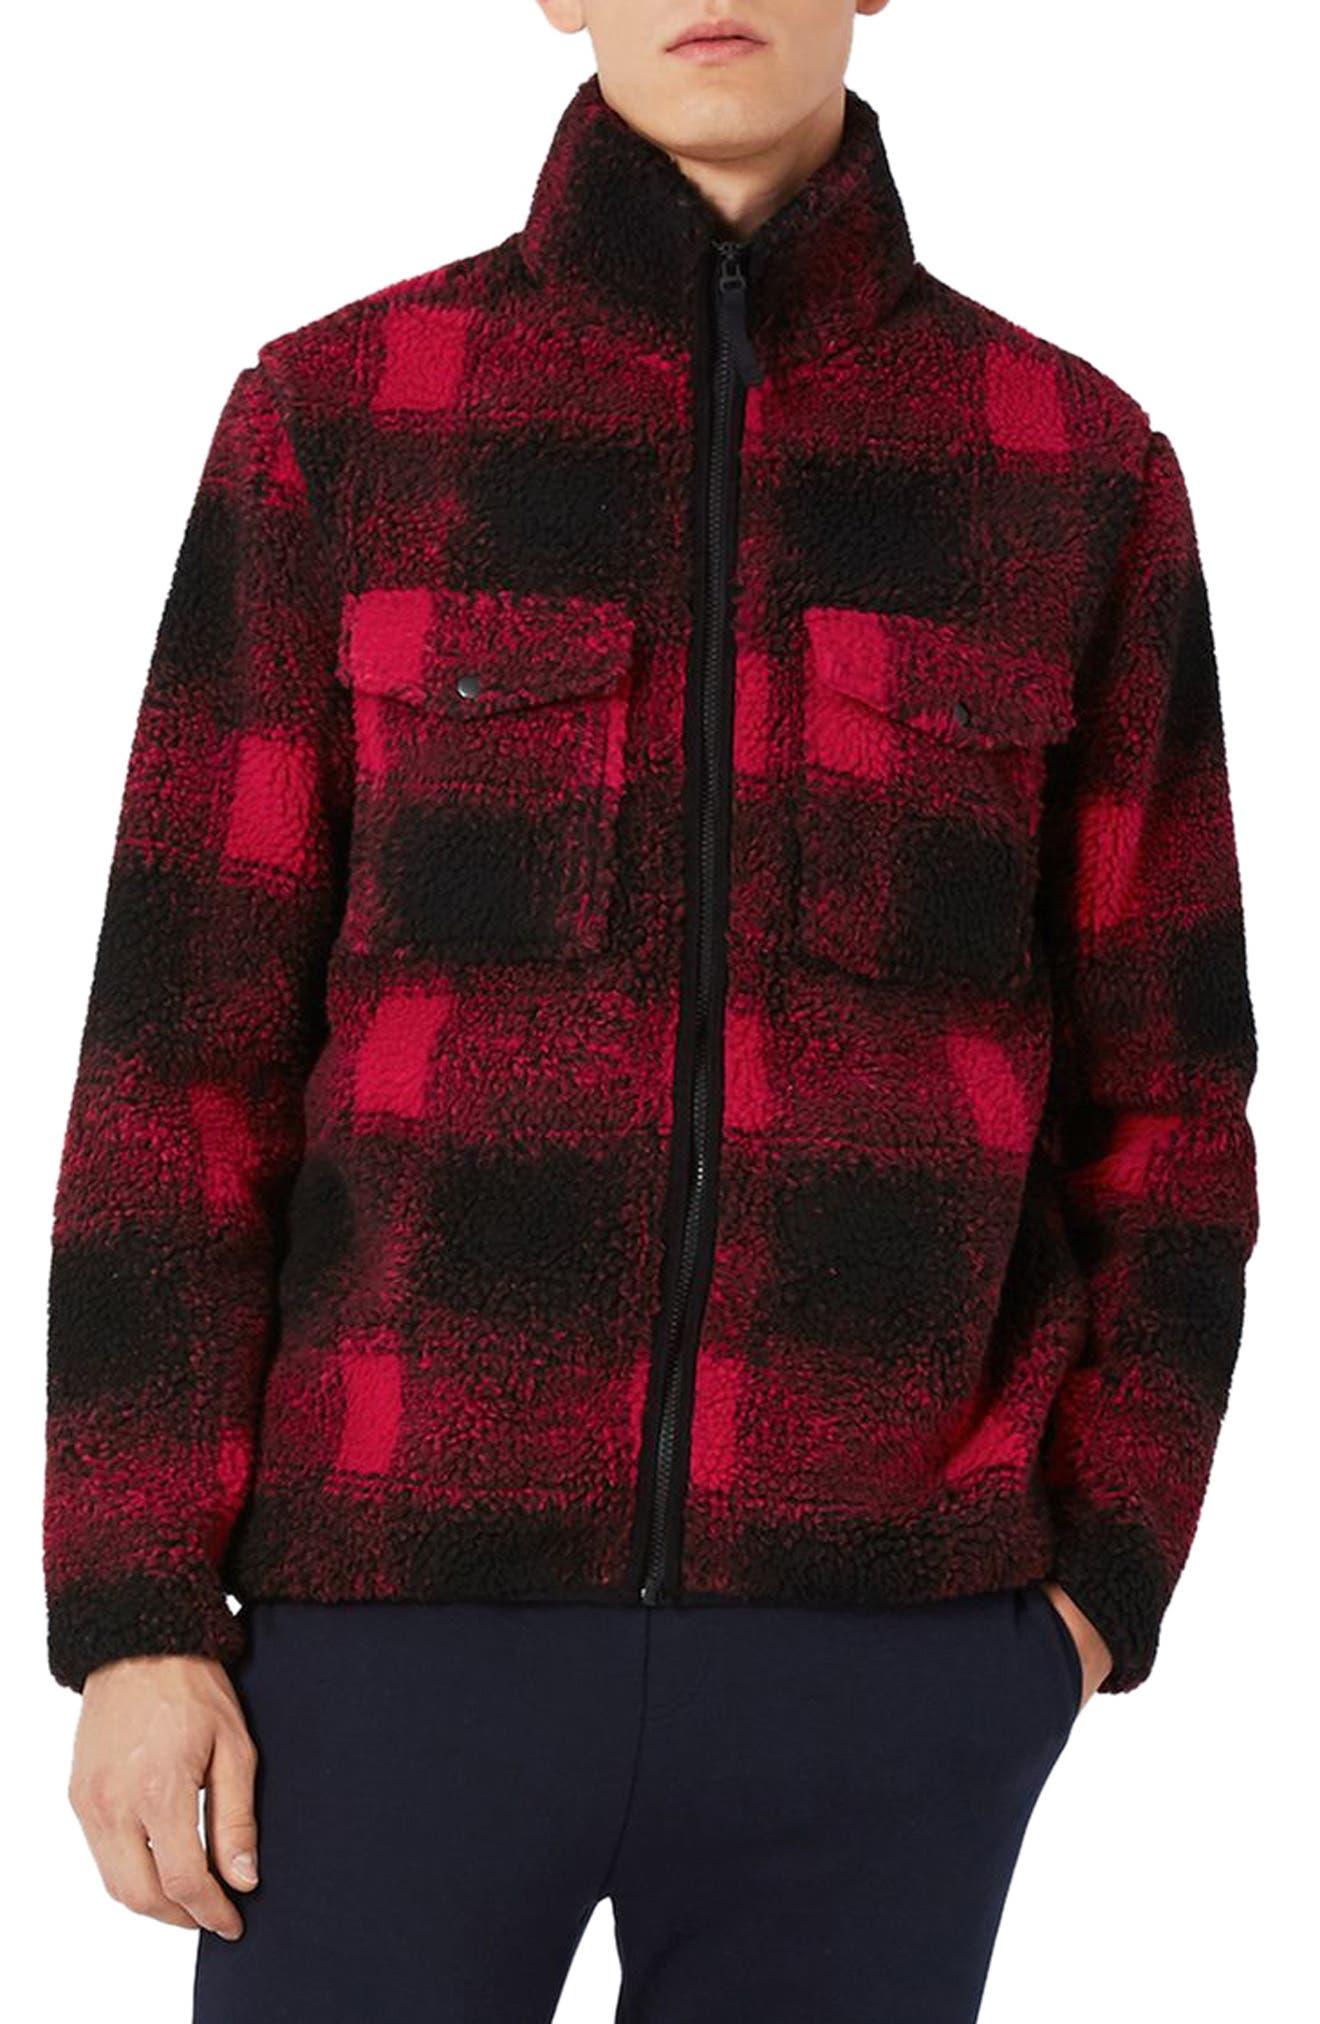 Topman Buffalo Check Borg Jacket